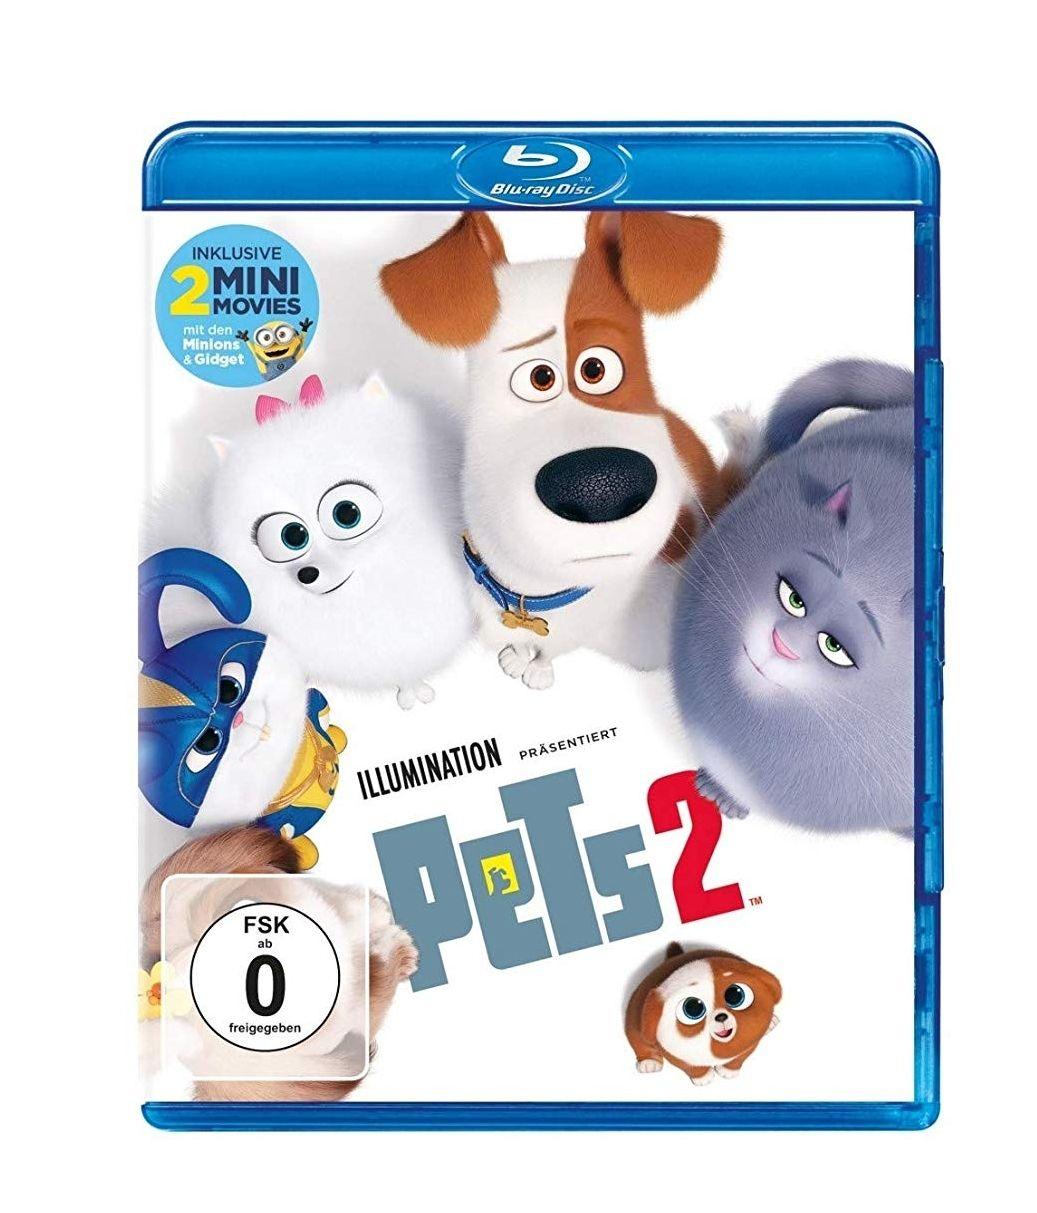 [Amazon Prime] Pets 2 - Blu-ray (3D für 14,97 €, DVD für 9,97 €)